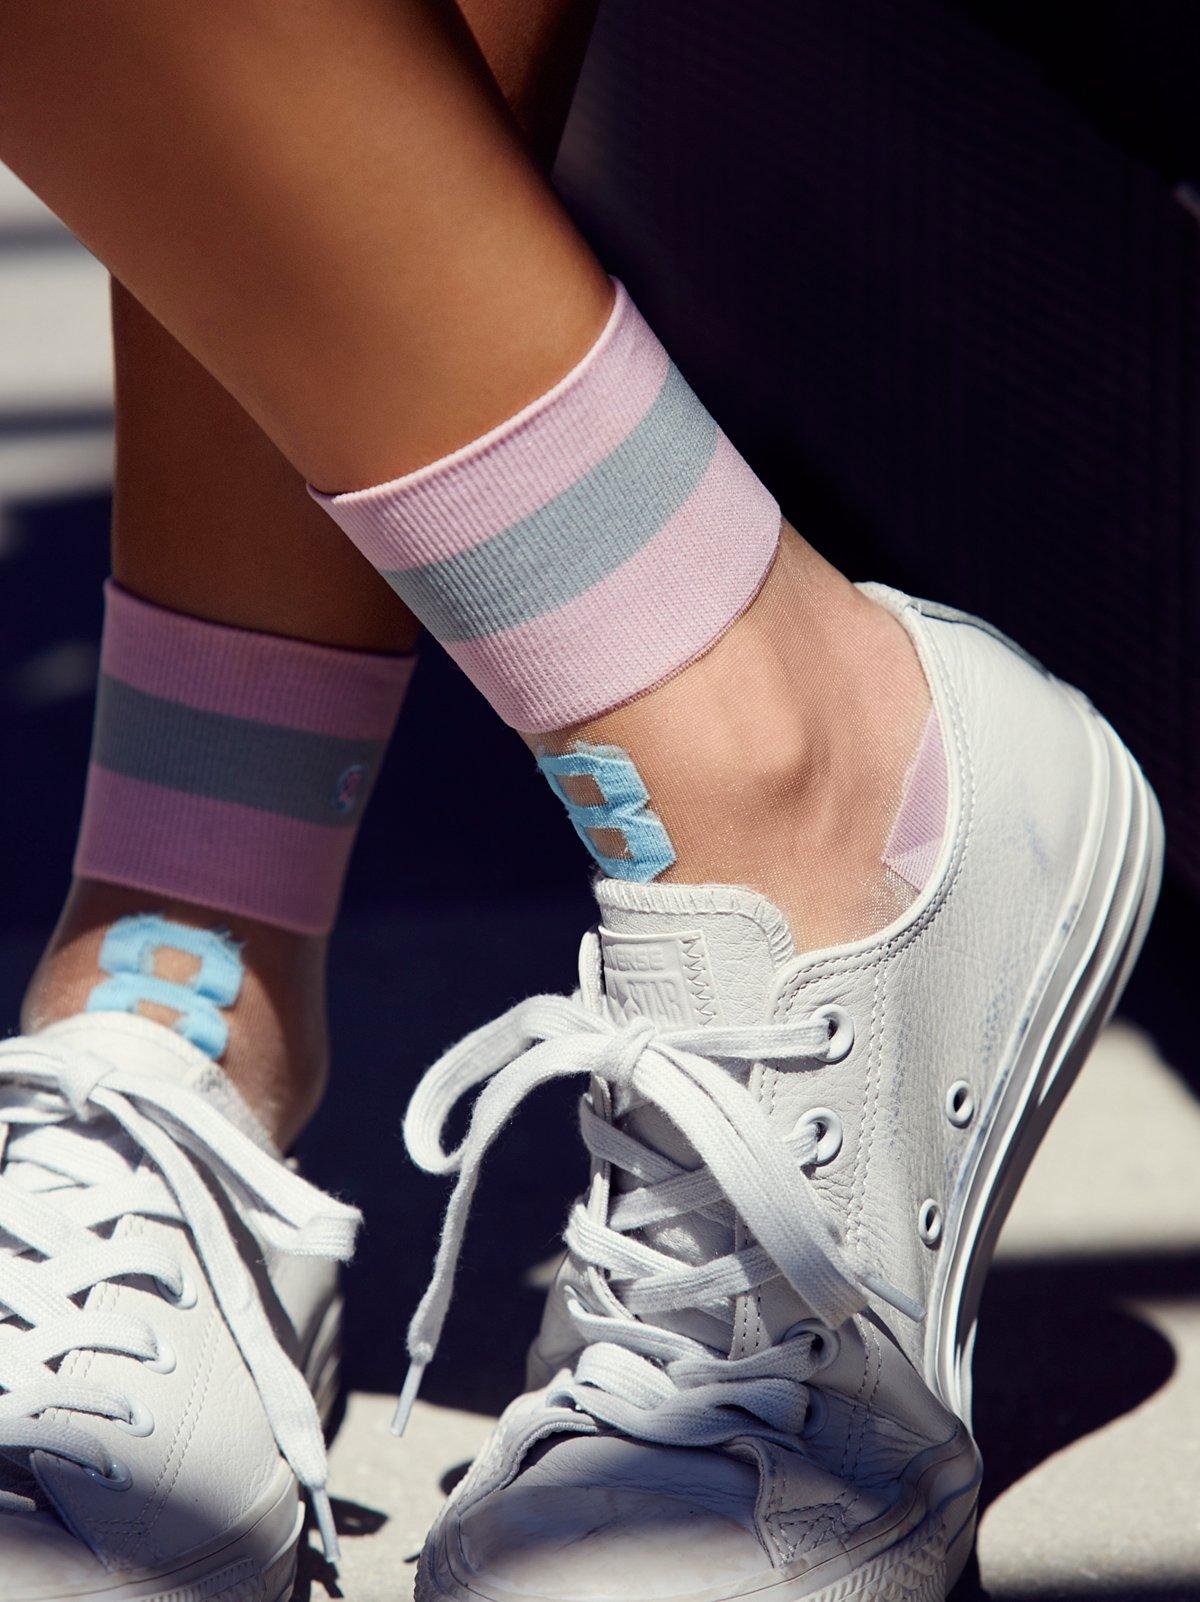 88 Anklet